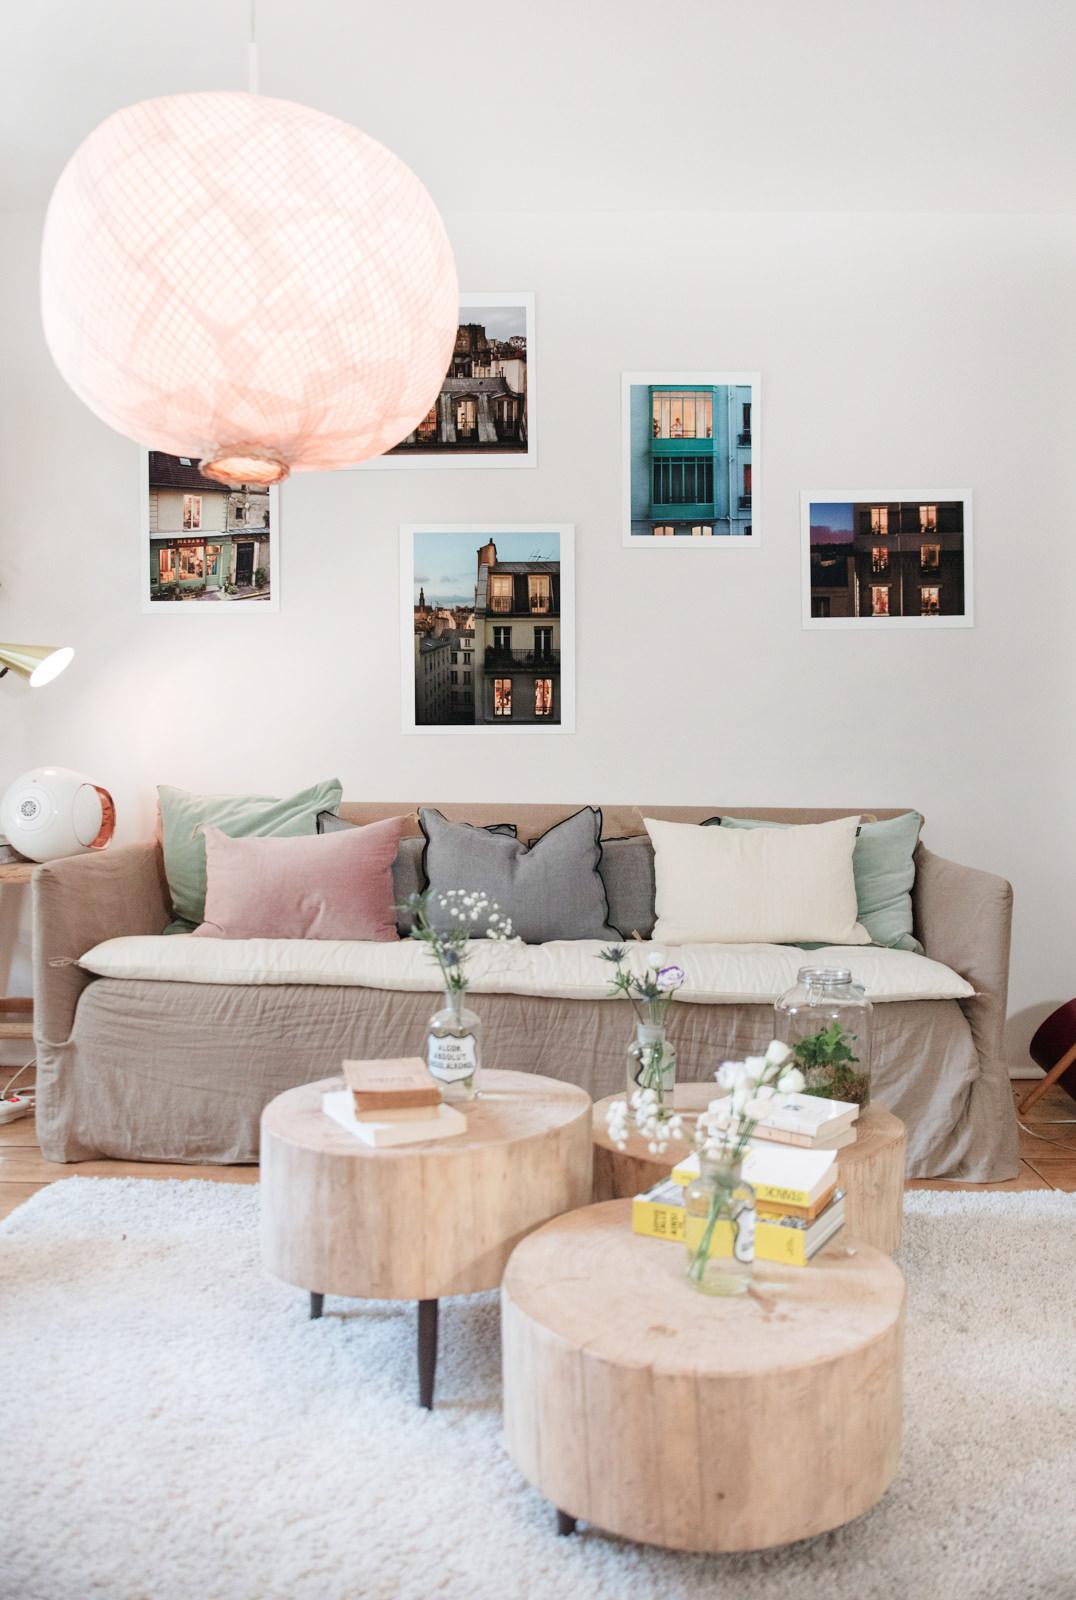 Blog-Mode-And-The-City-Lifestyle-Maison-Montmartre-My-Little-Paris-13